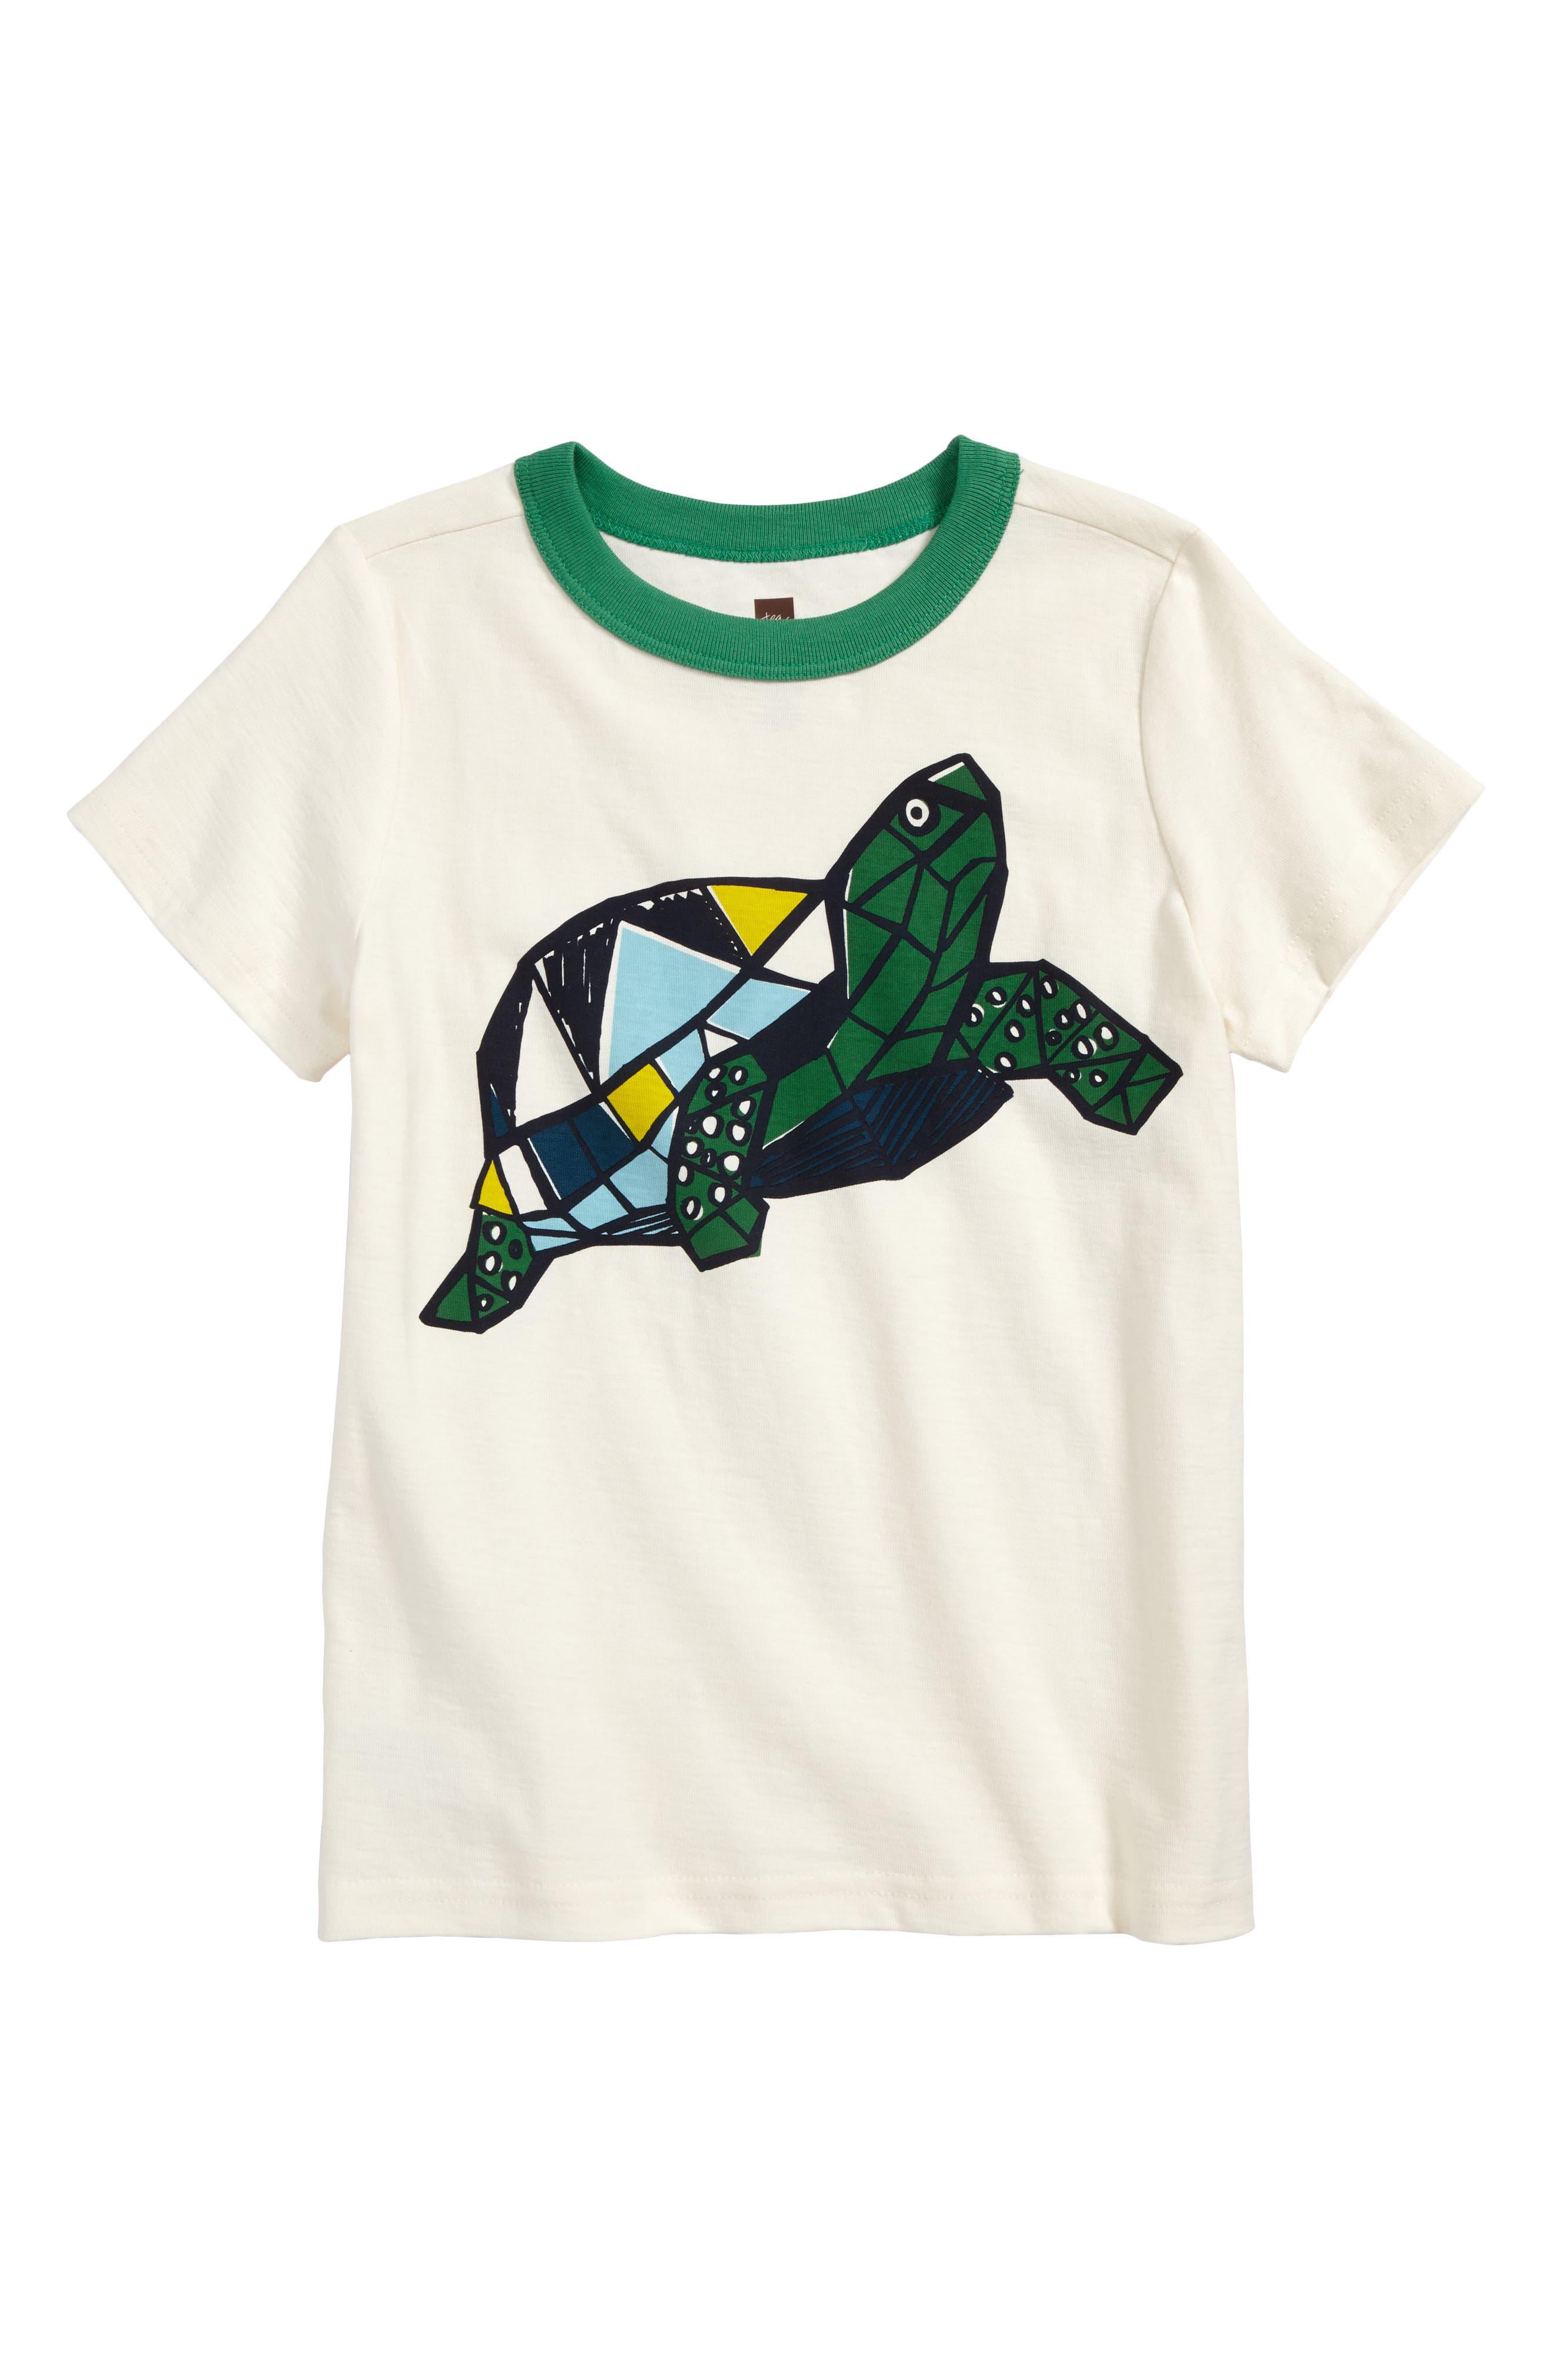 Turtle Power T-Shirt,                         Main,                         color,